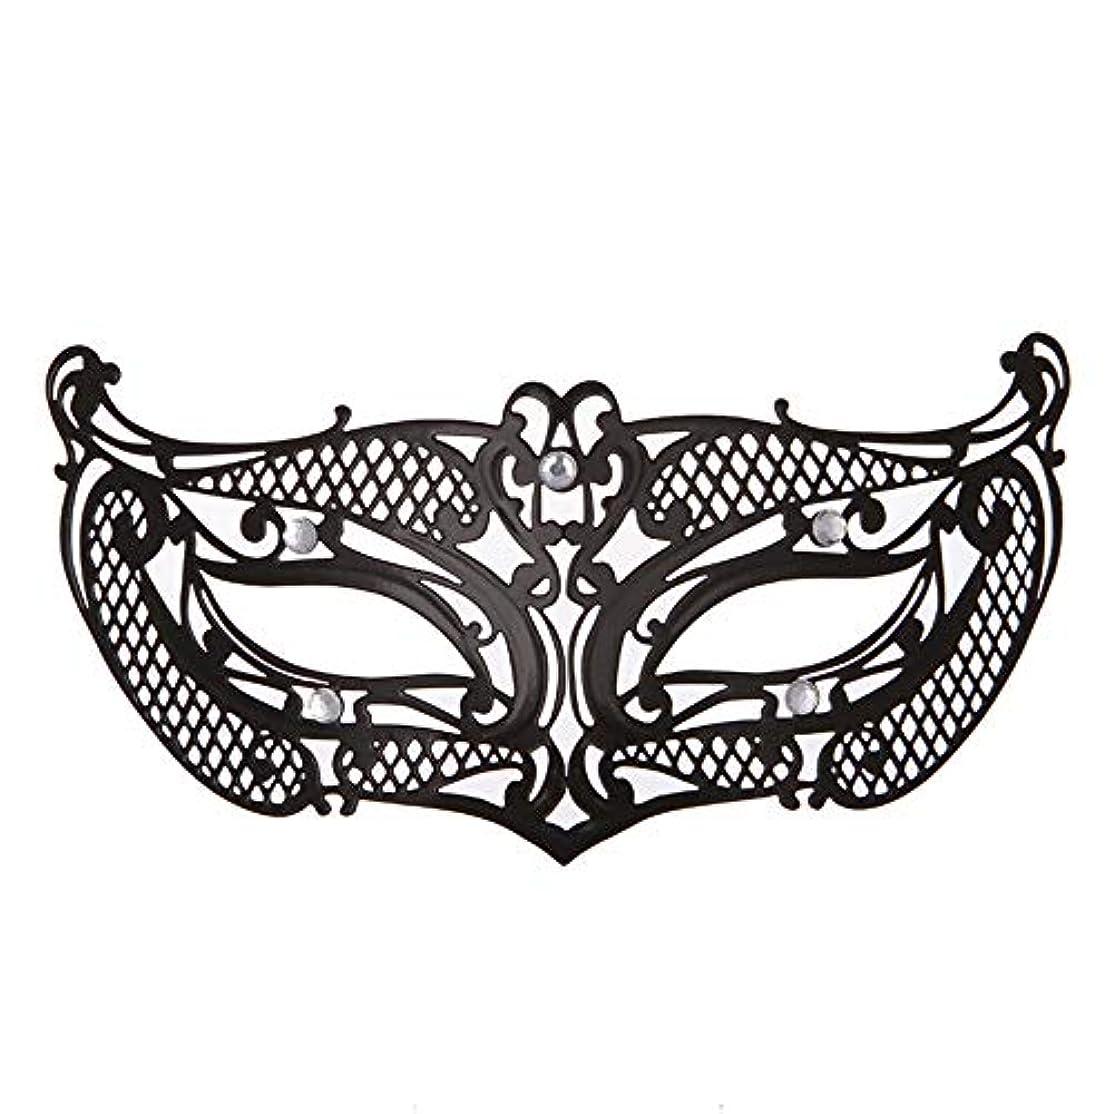 シビッククランシー鎮静剤ダンスマスク アイアンメタリックレースとダイヤモンドハーフマスクハロウィンダンスマスクナイトクラブボールマスクコスプレパーティーハロウィンマスク ホリデーパーティー用品 (色 : ブラック, サイズ : 19x8cm)